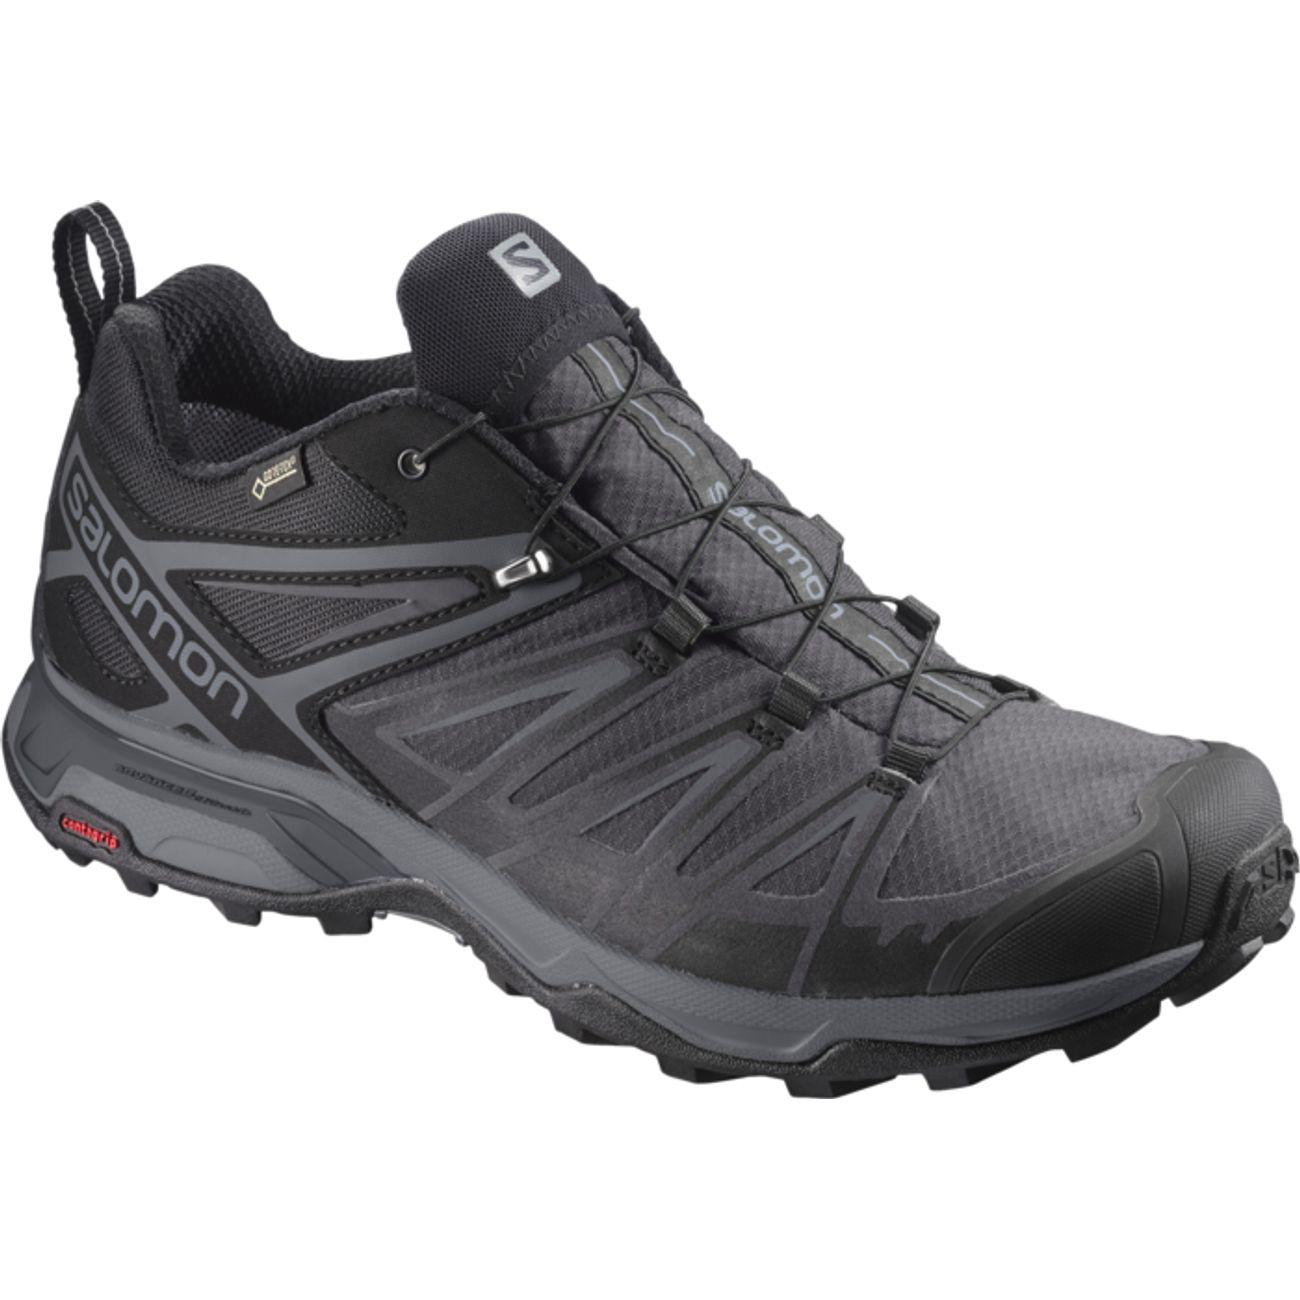 Chaussures de randonnée Salomon X Ultra 3 GTX - noir, du 40 au 46 (via retrait en magasin)